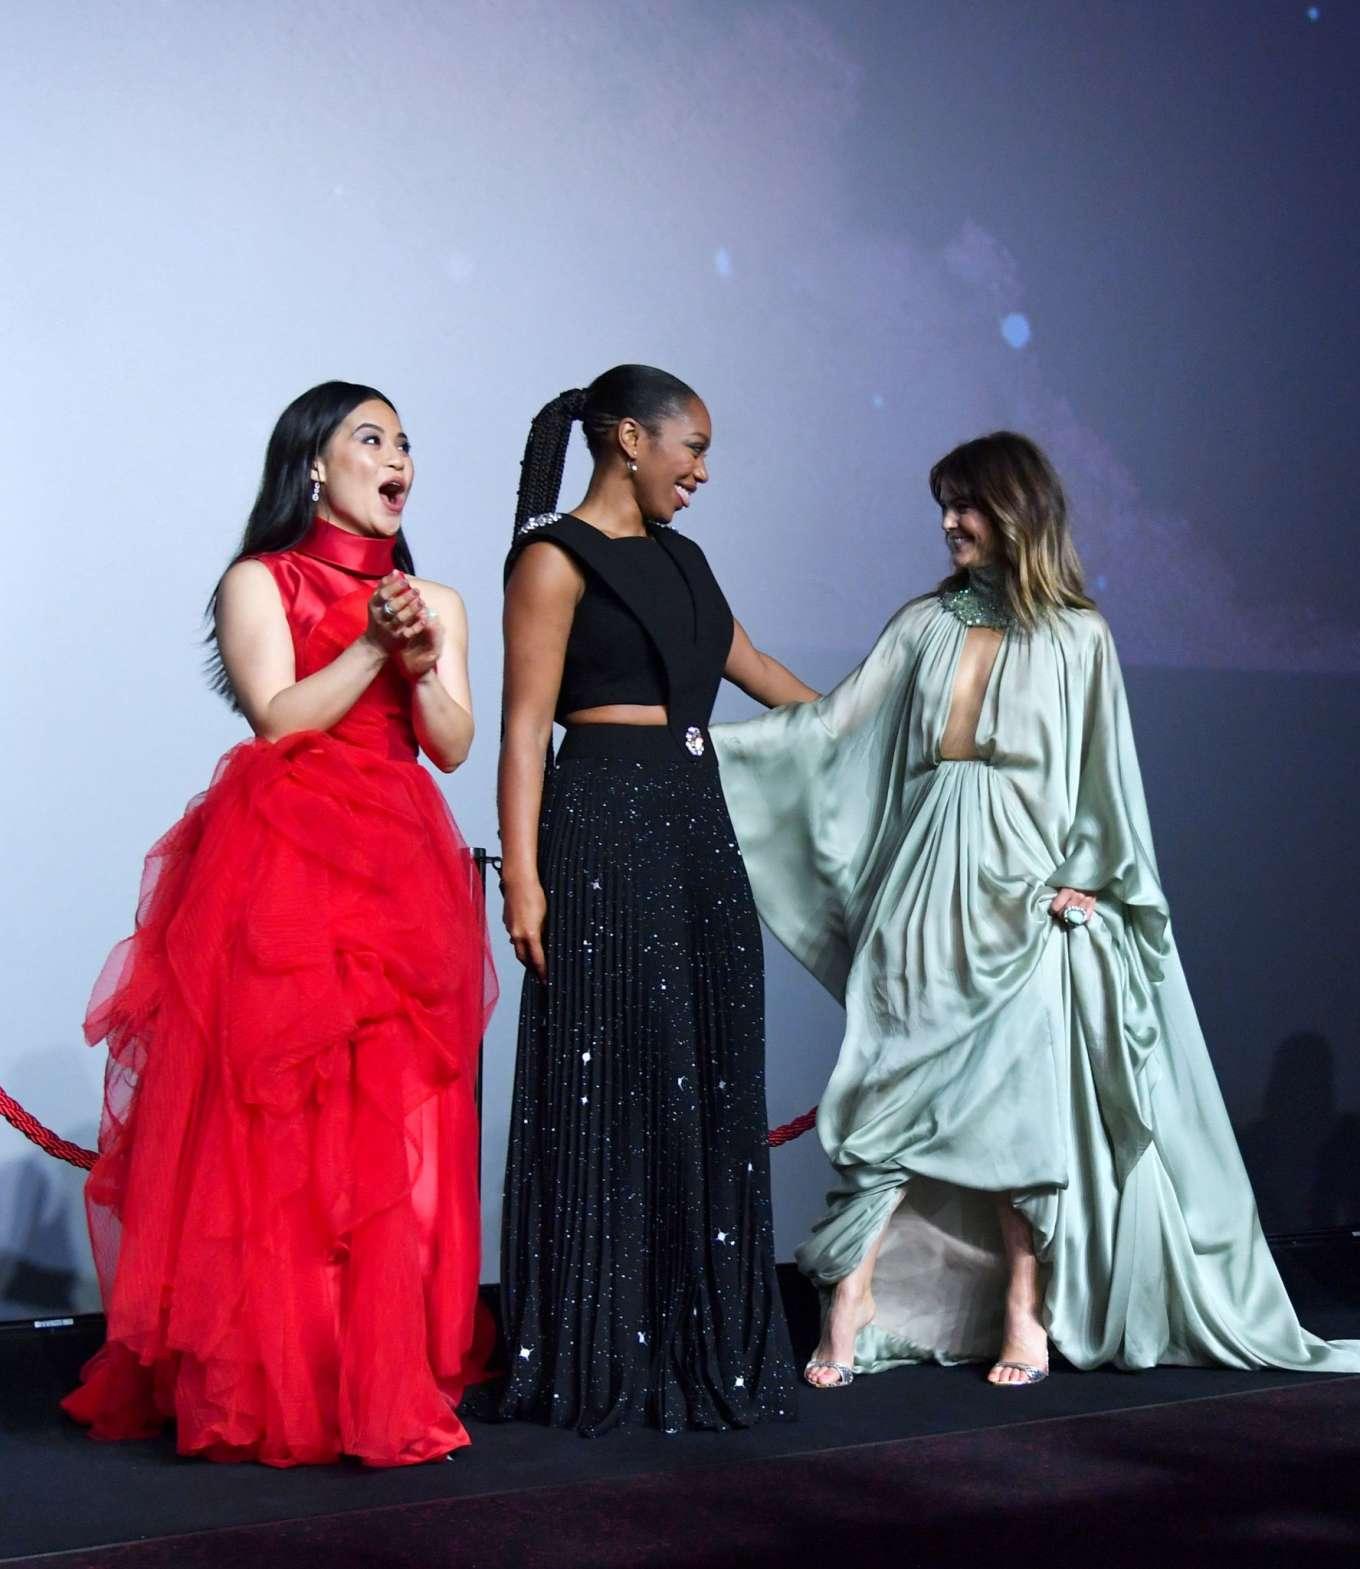 Keri Russell Star Wars The Rise Of Skywalker Premiere In London 60 Gotceleb